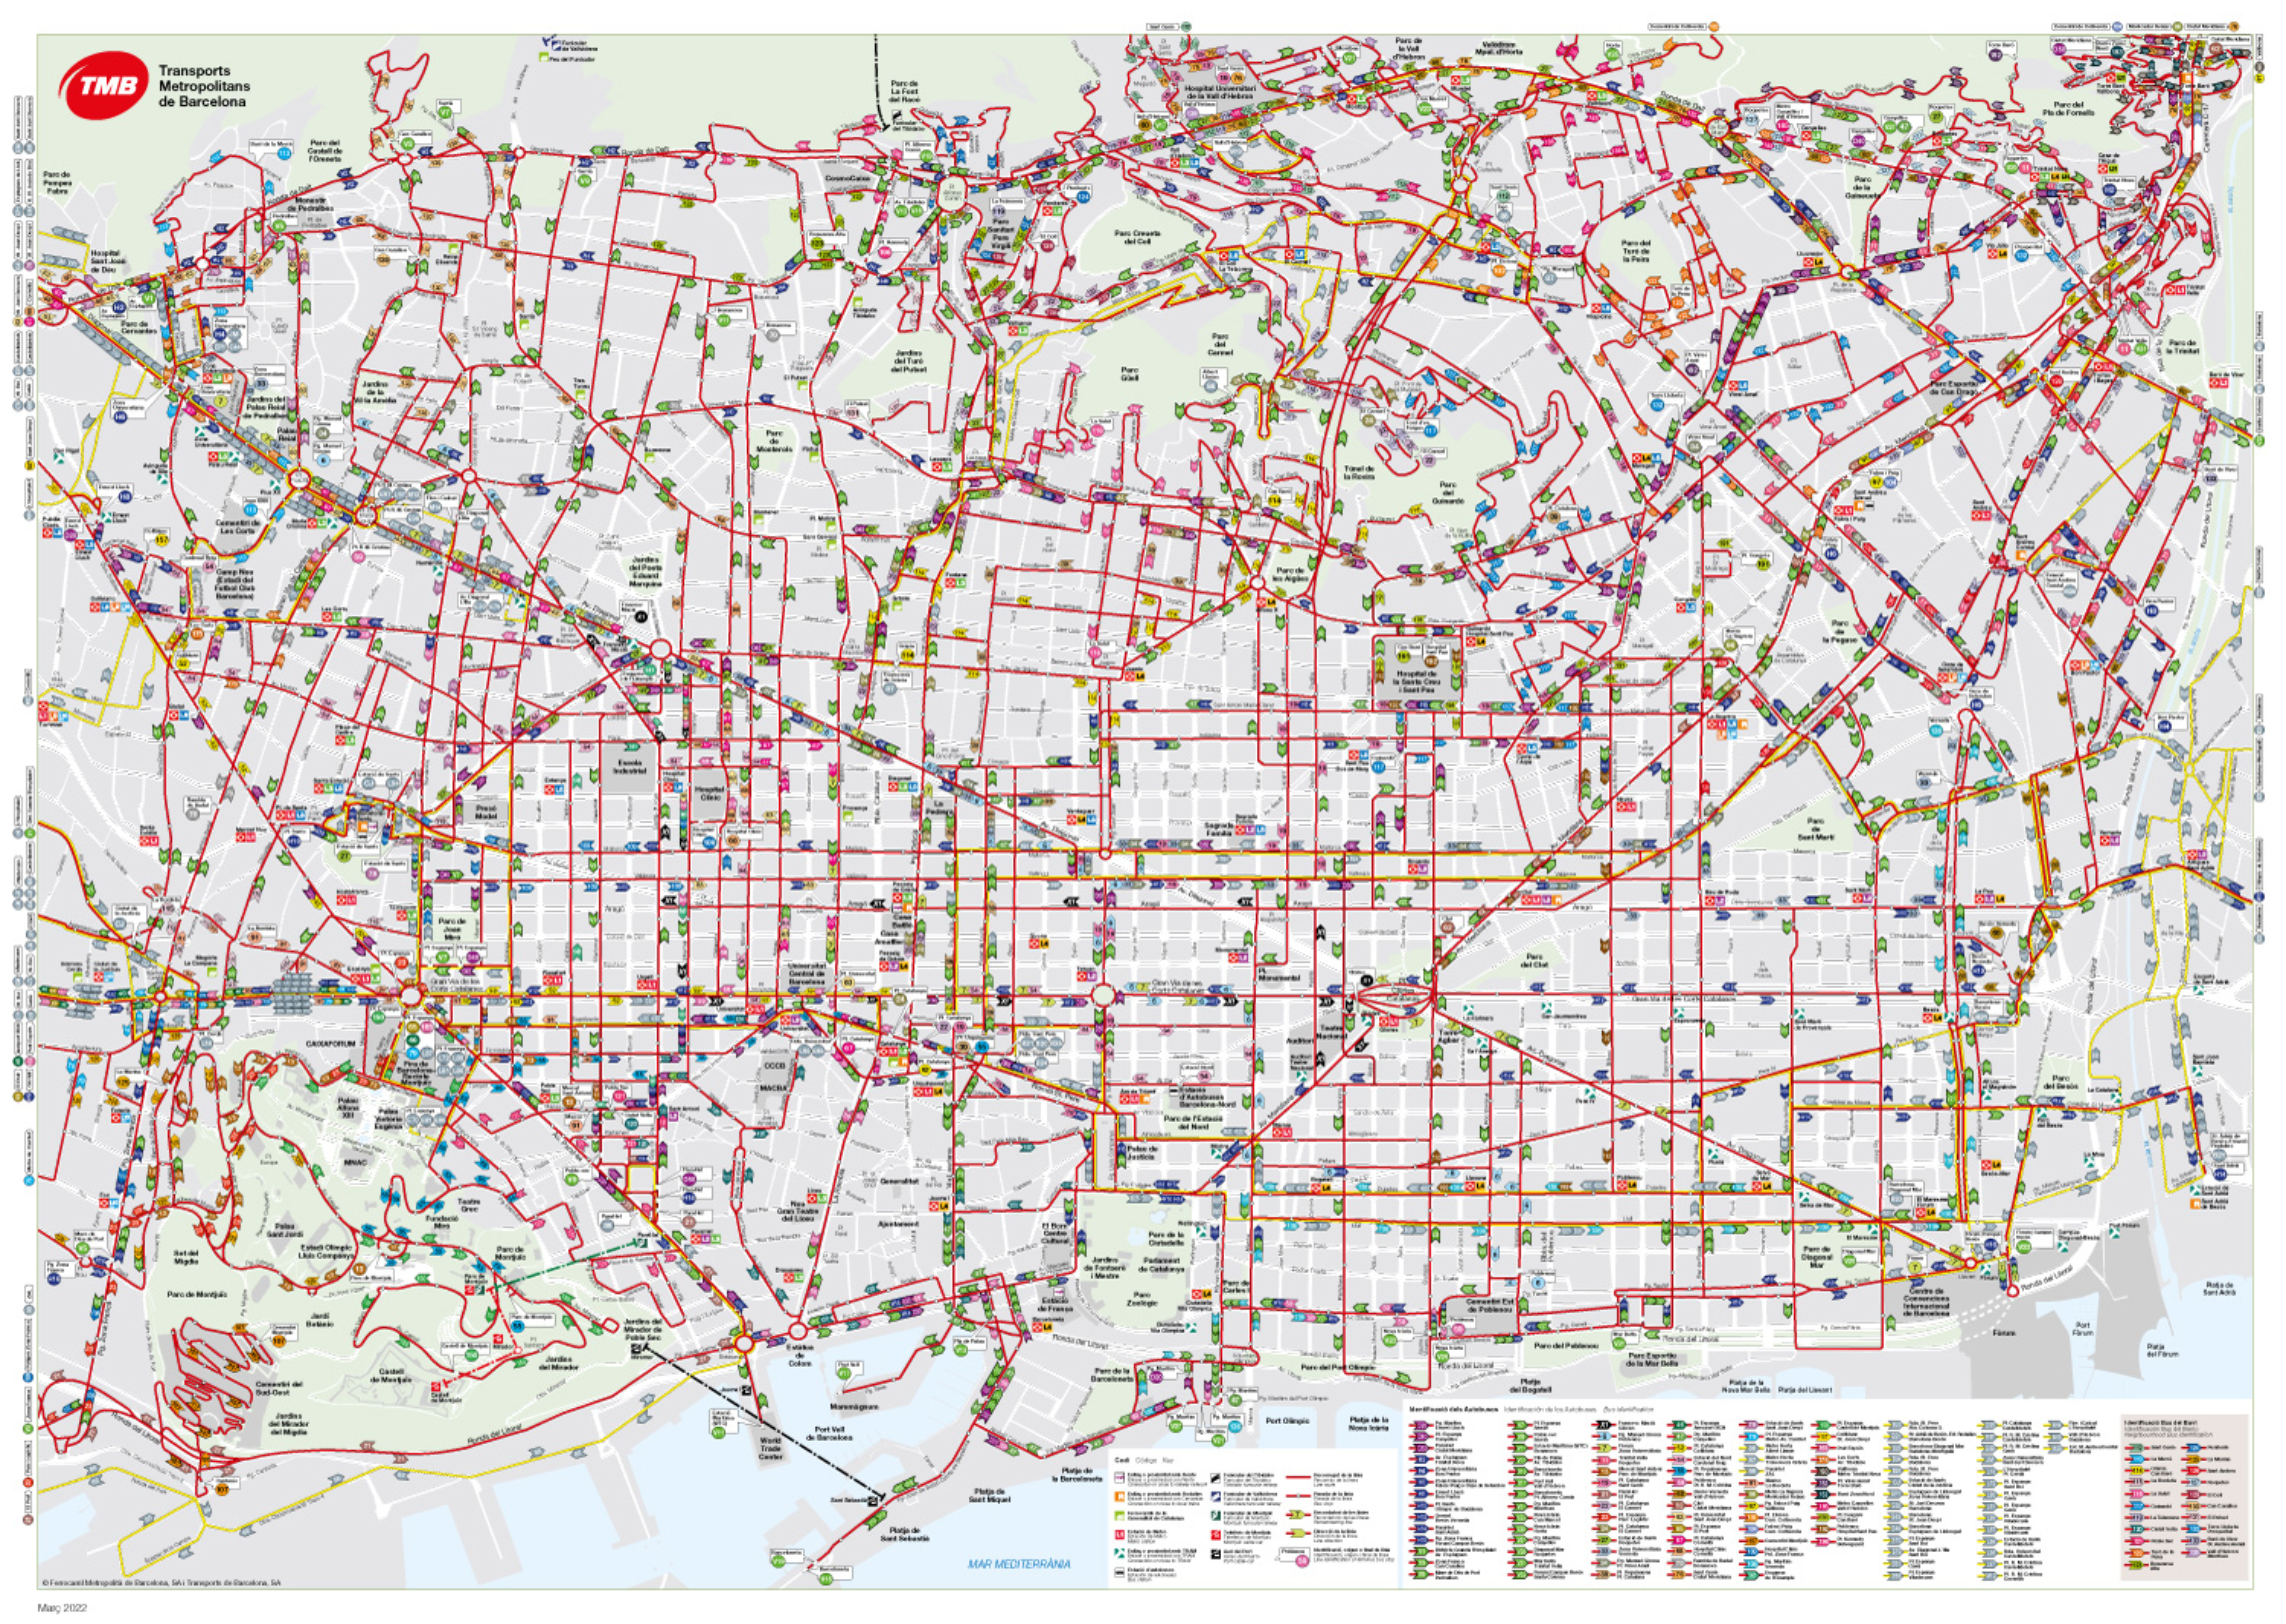 Barcelona Bus Map Transports Metropolitans De Barcelona - Paris bus route map in english